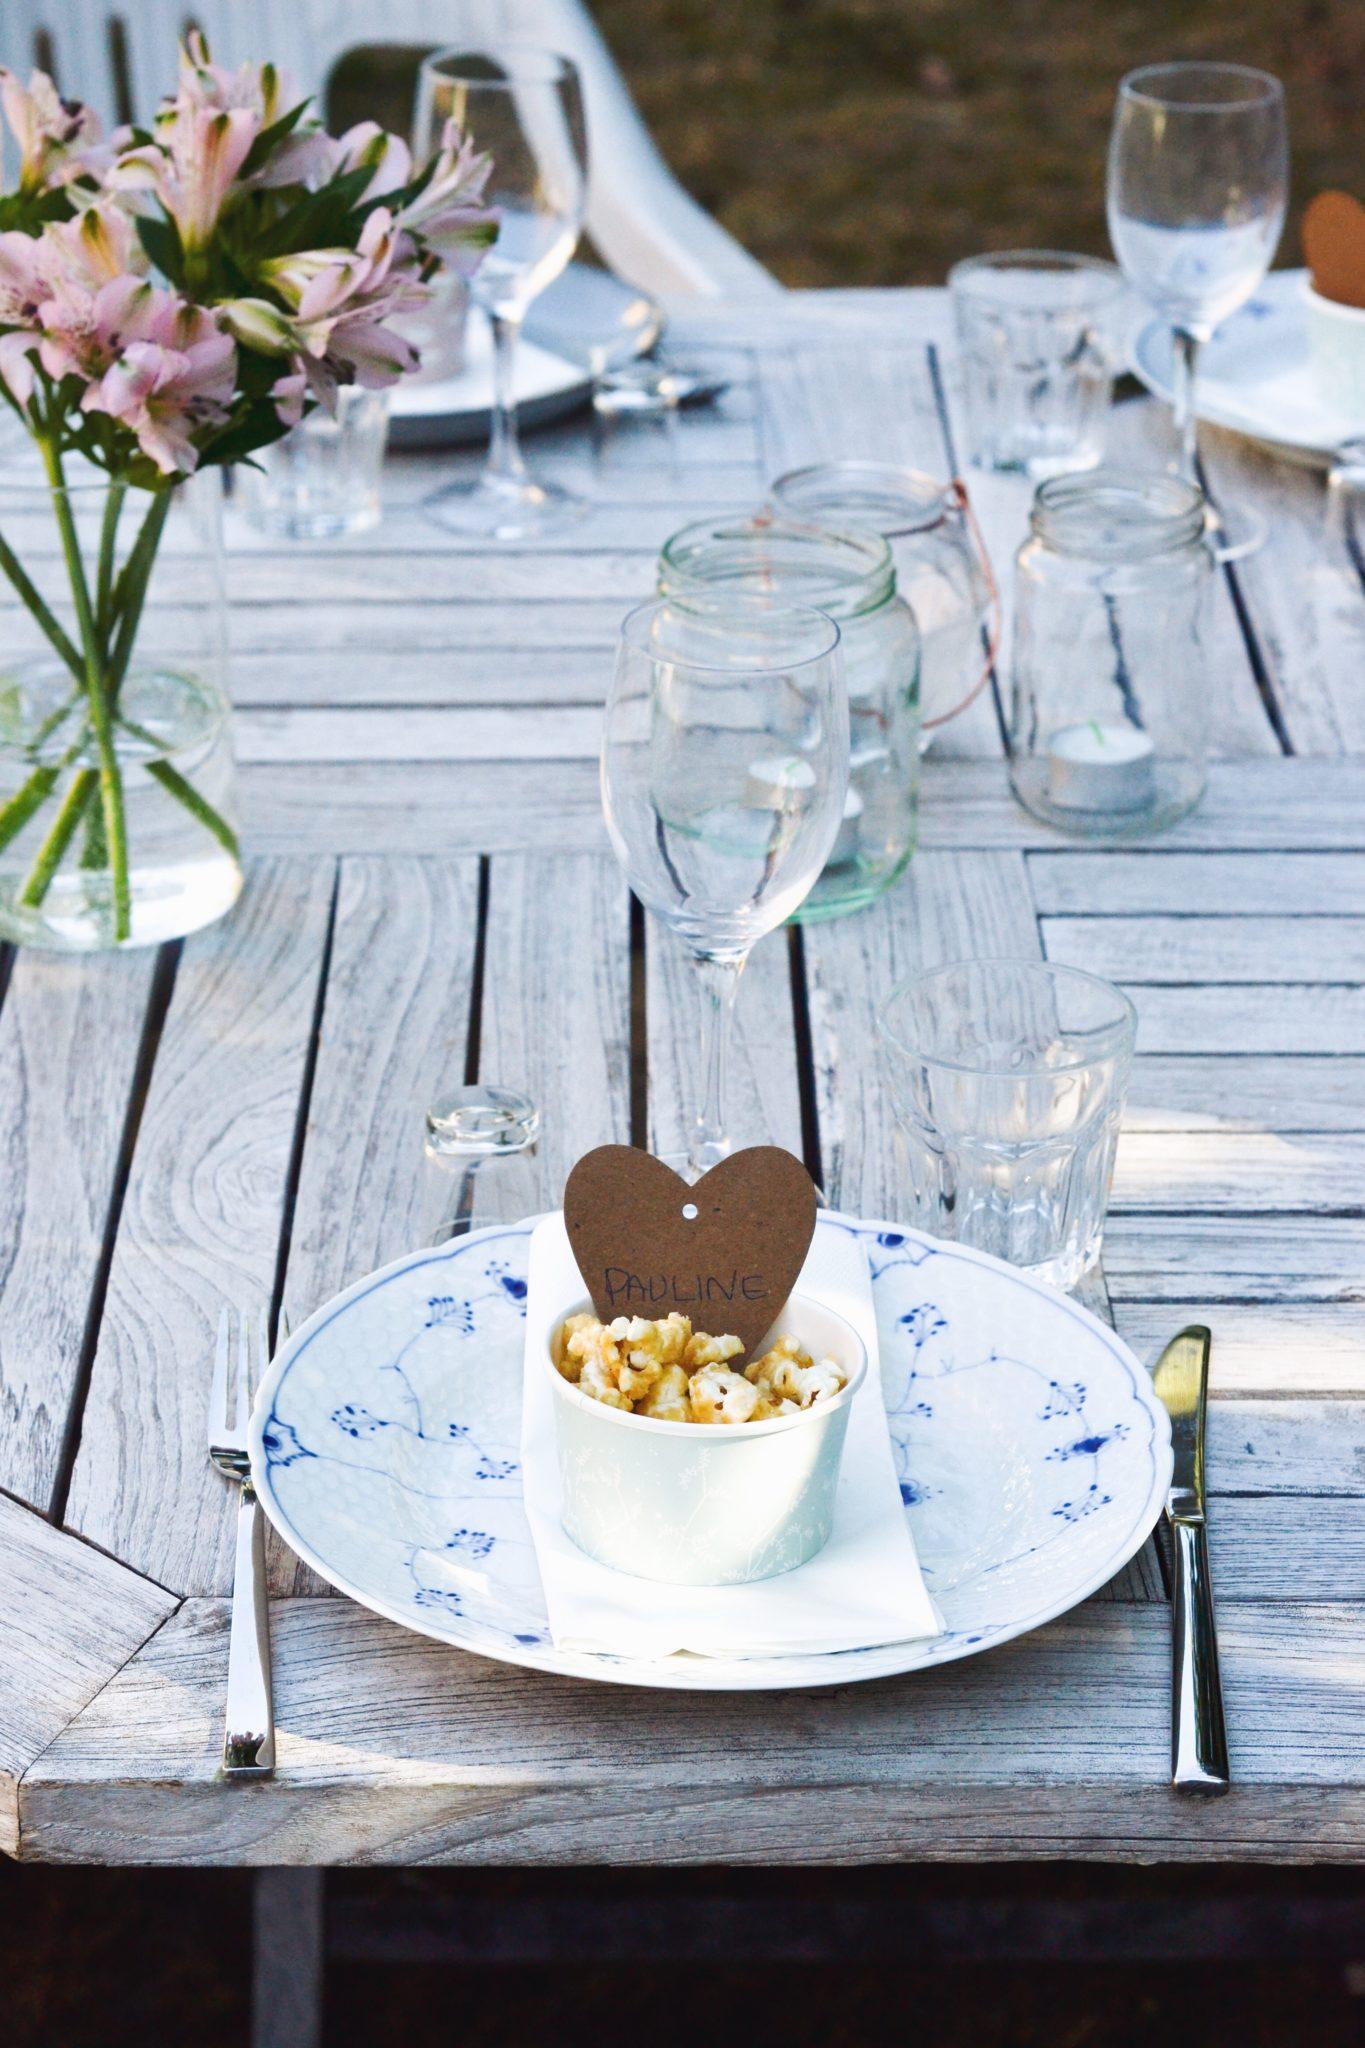 sommerfest foedselsdagsfest inspiration borddækning menu sommermad